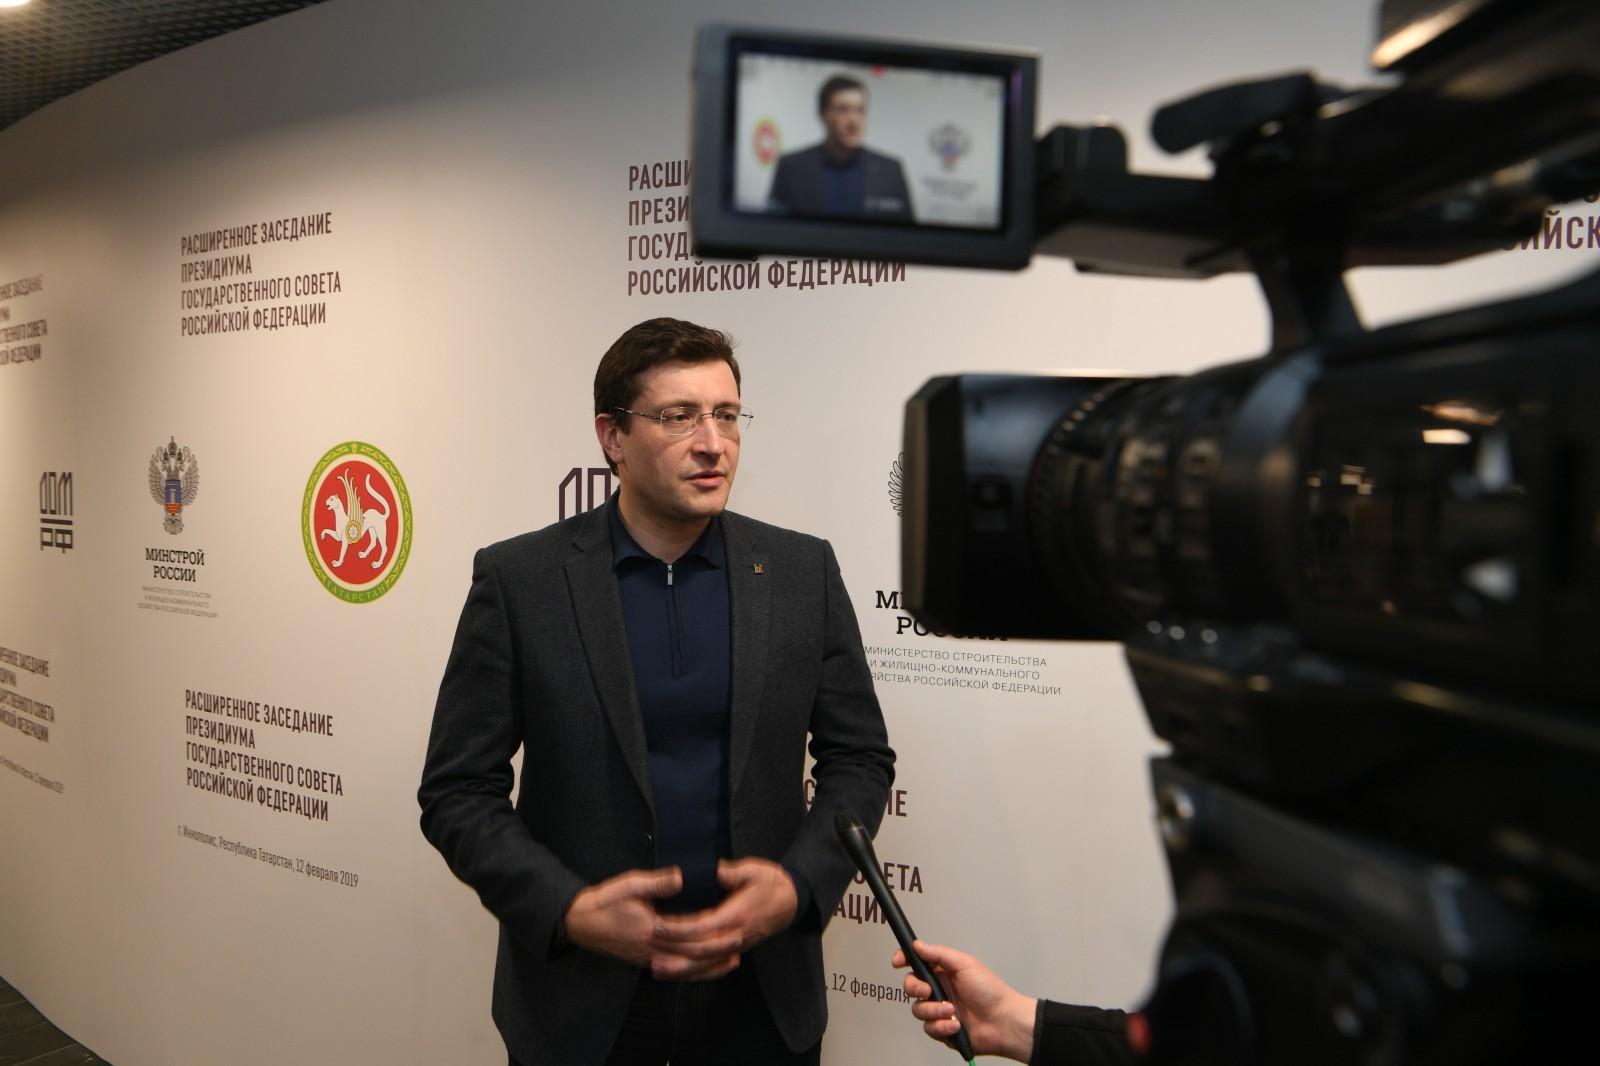 Нижегородский губернатор Глеб Никитин примет участие в заседании президиума Госсовета РФ